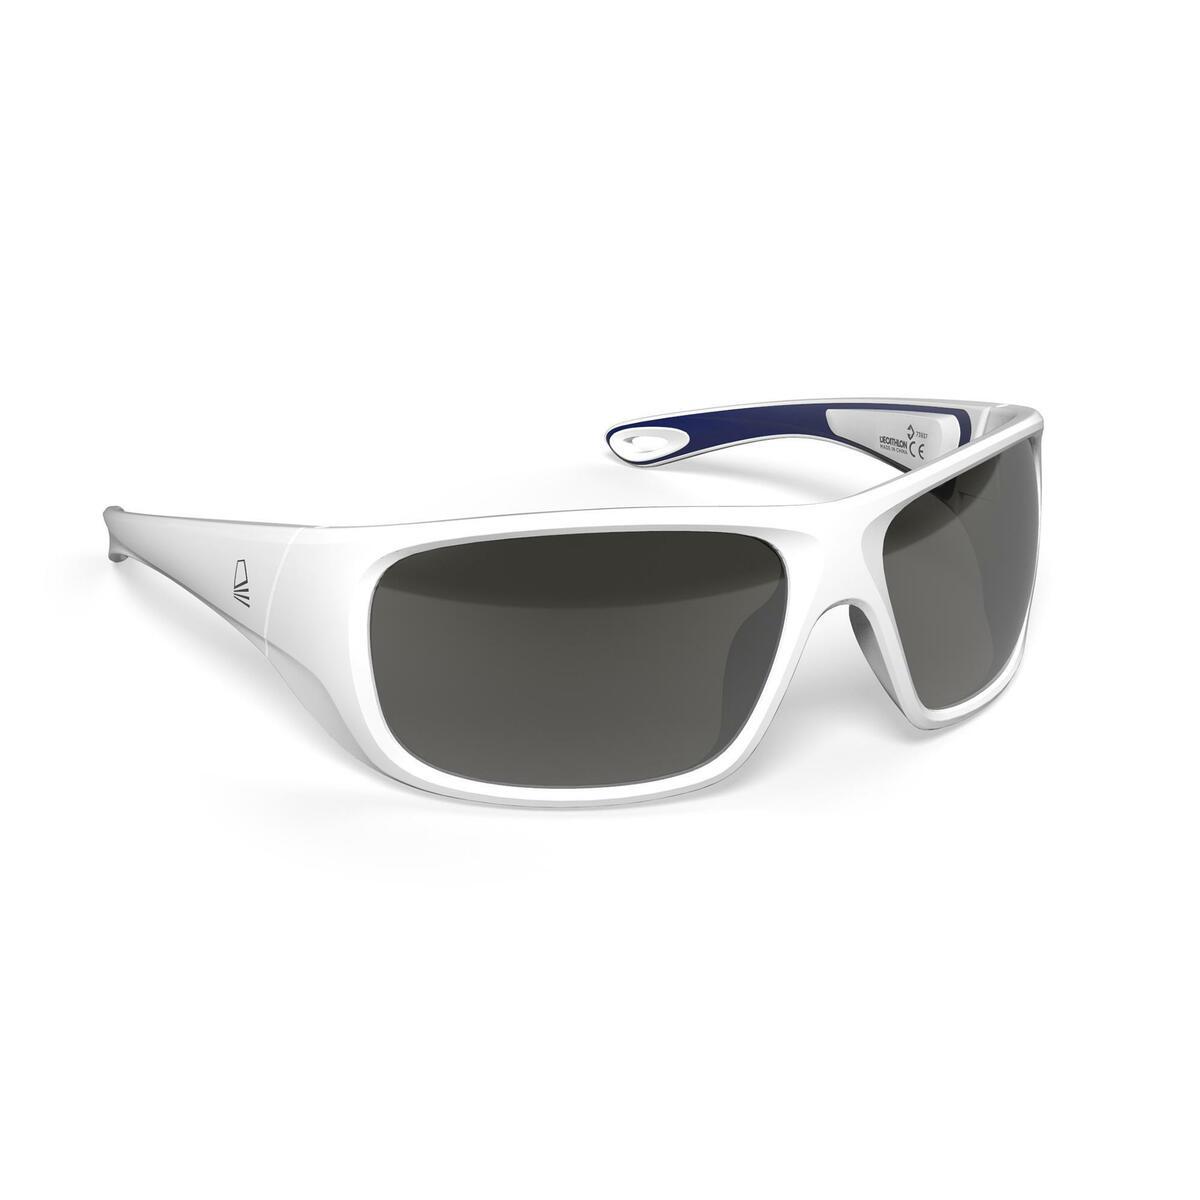 Bild 1 von Sonnenbrille Segeln 500 polarisierend Erwachsene Kat.3 weiß